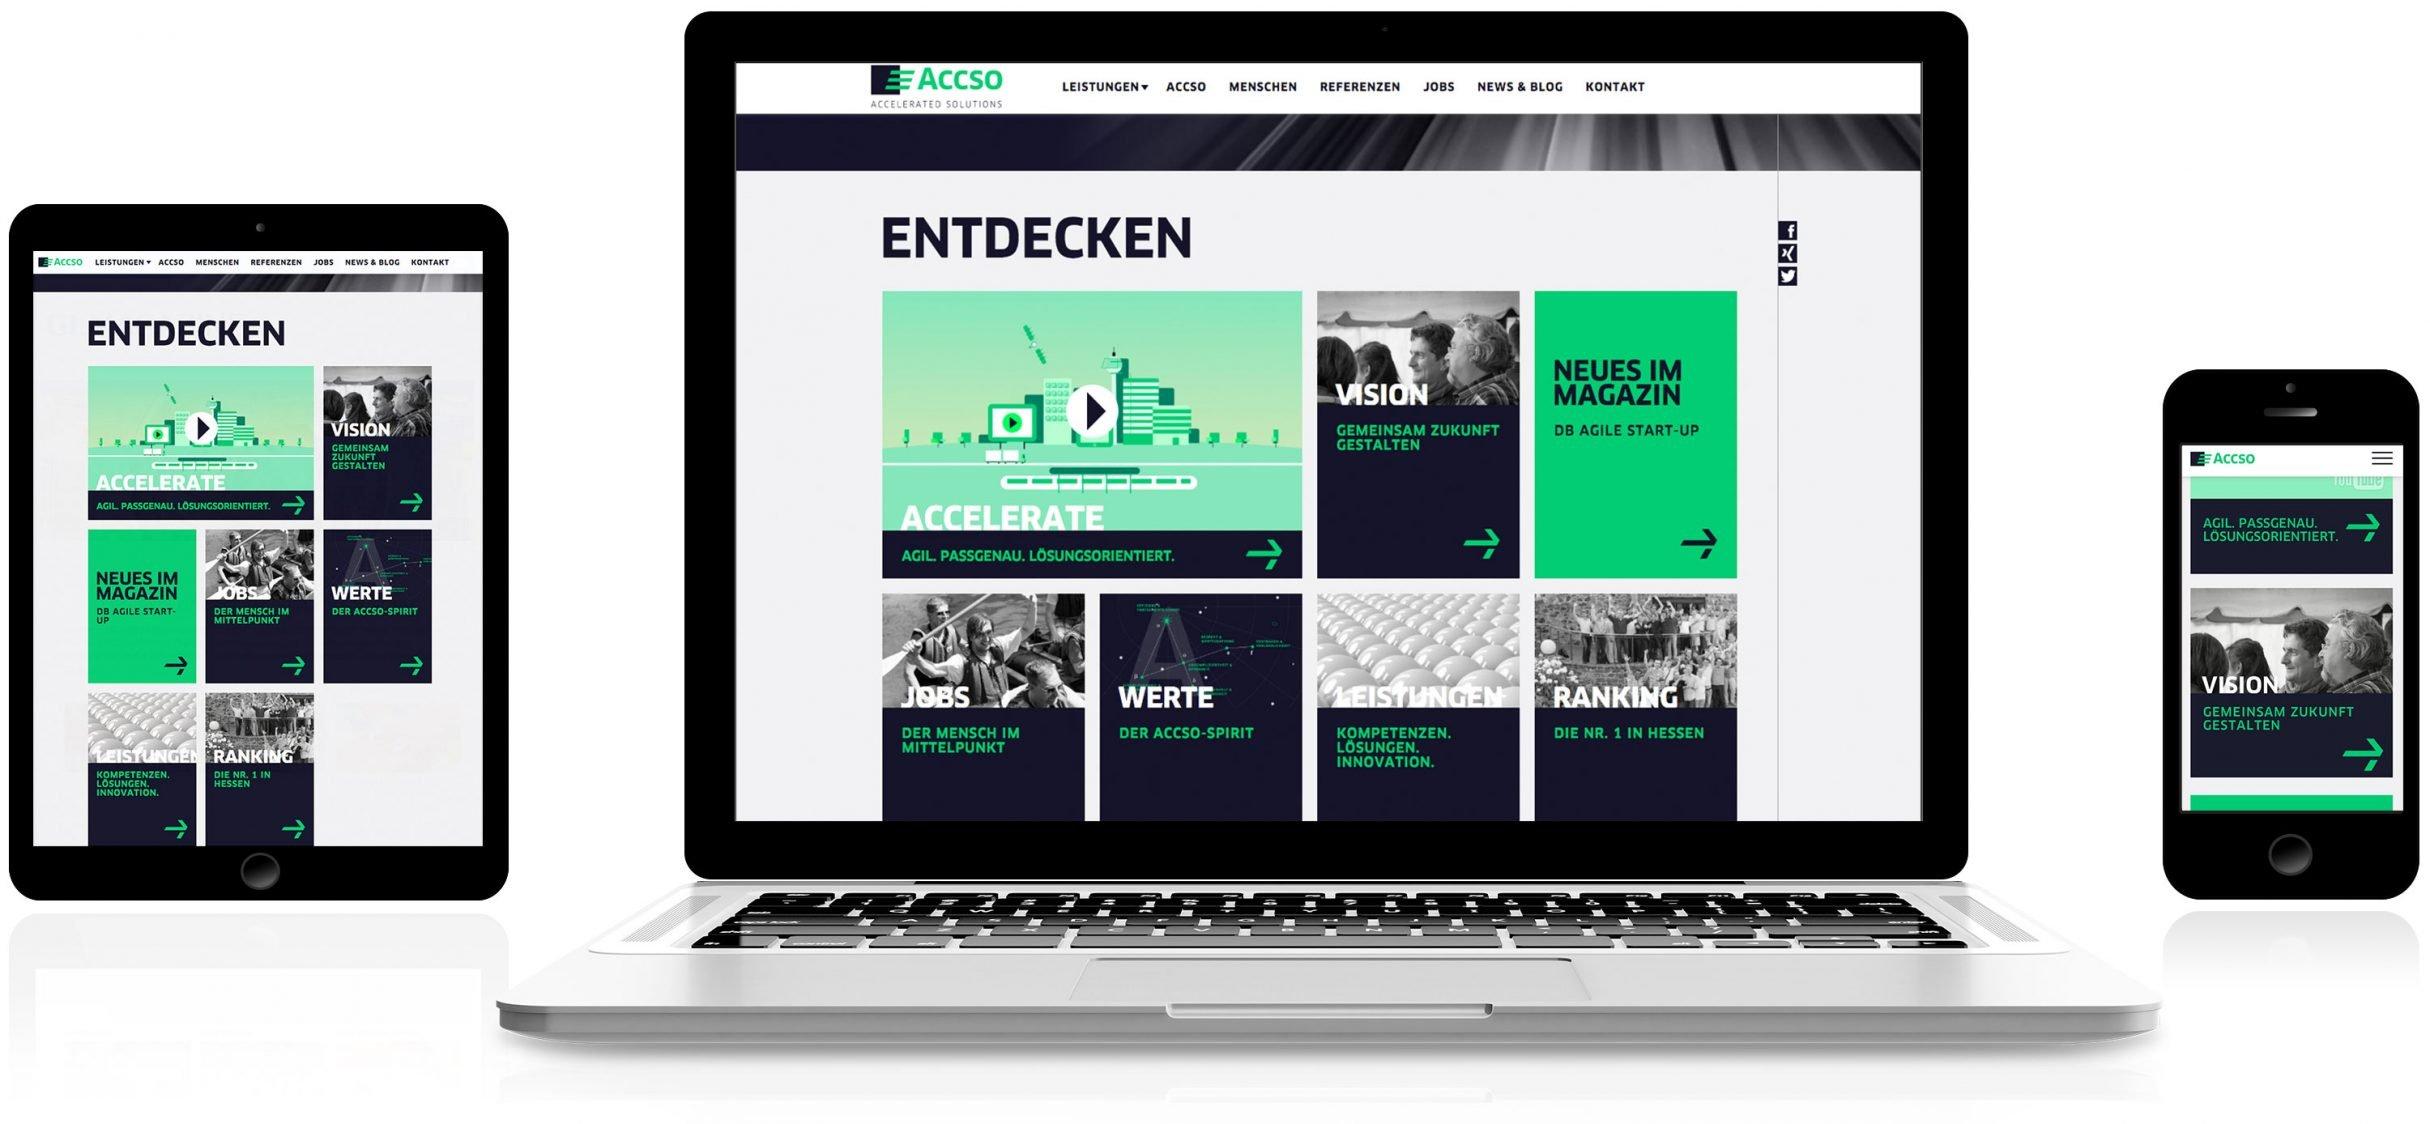 Responsive Webdesign für accso: DIE NEUDENKER® Agentur, Darmstadt